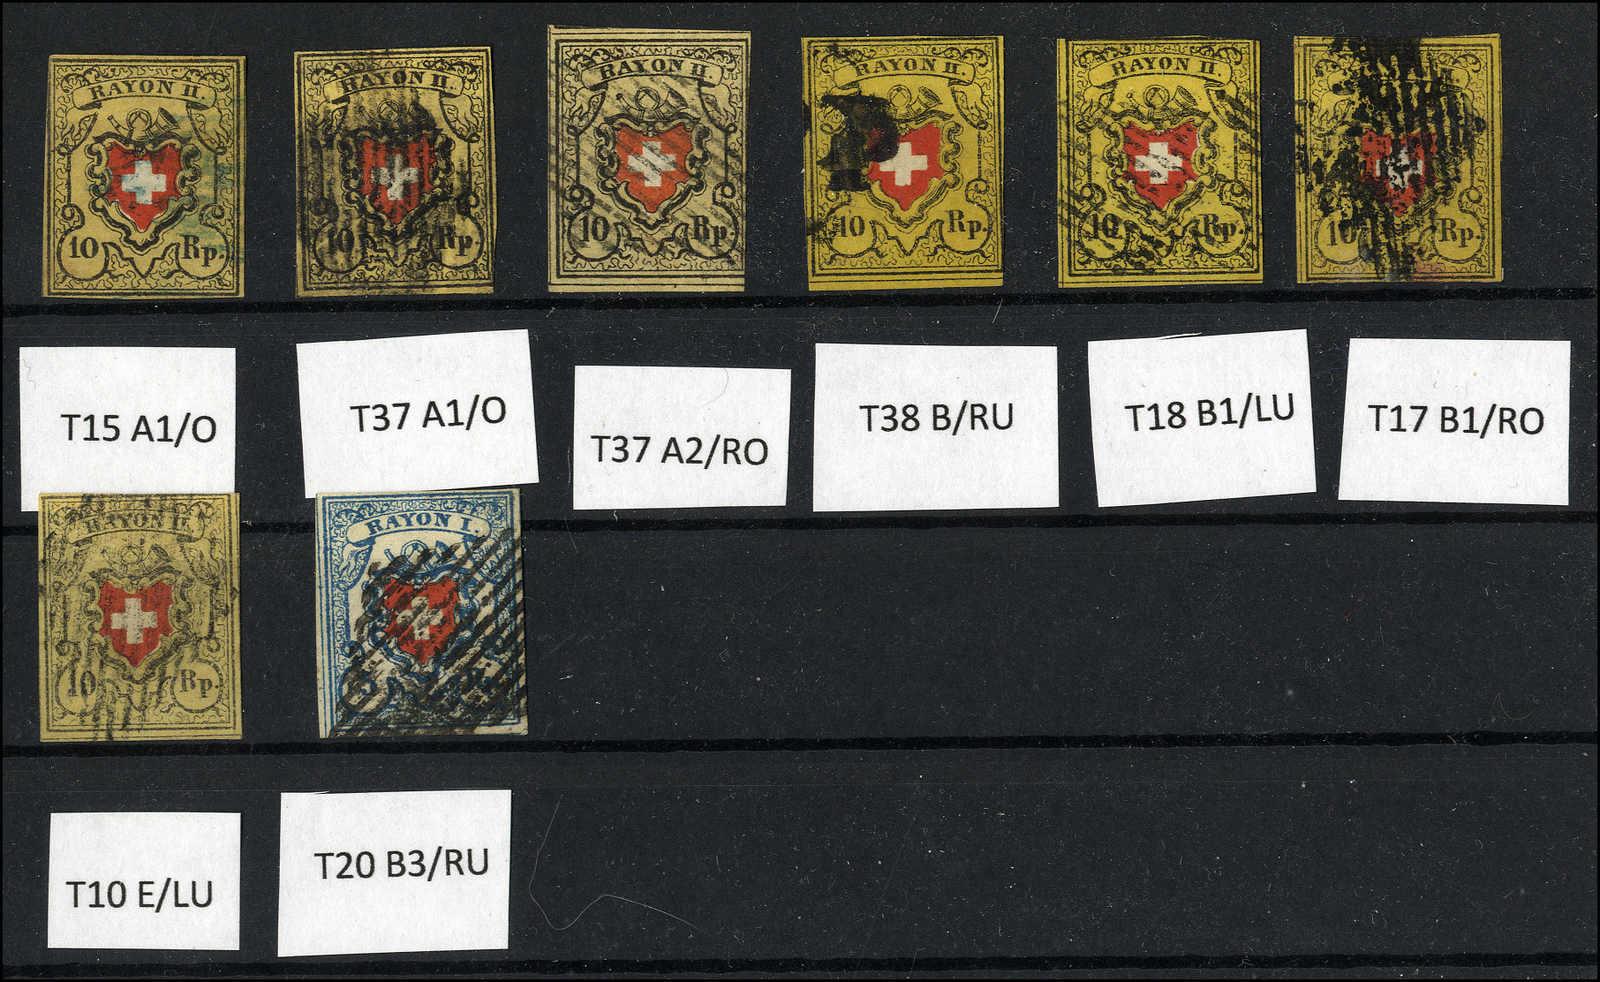 Lot 7 - sammlungen und posten sammlungen und posten altschweiz -  Rolli Auctions Auction #68 Day 1